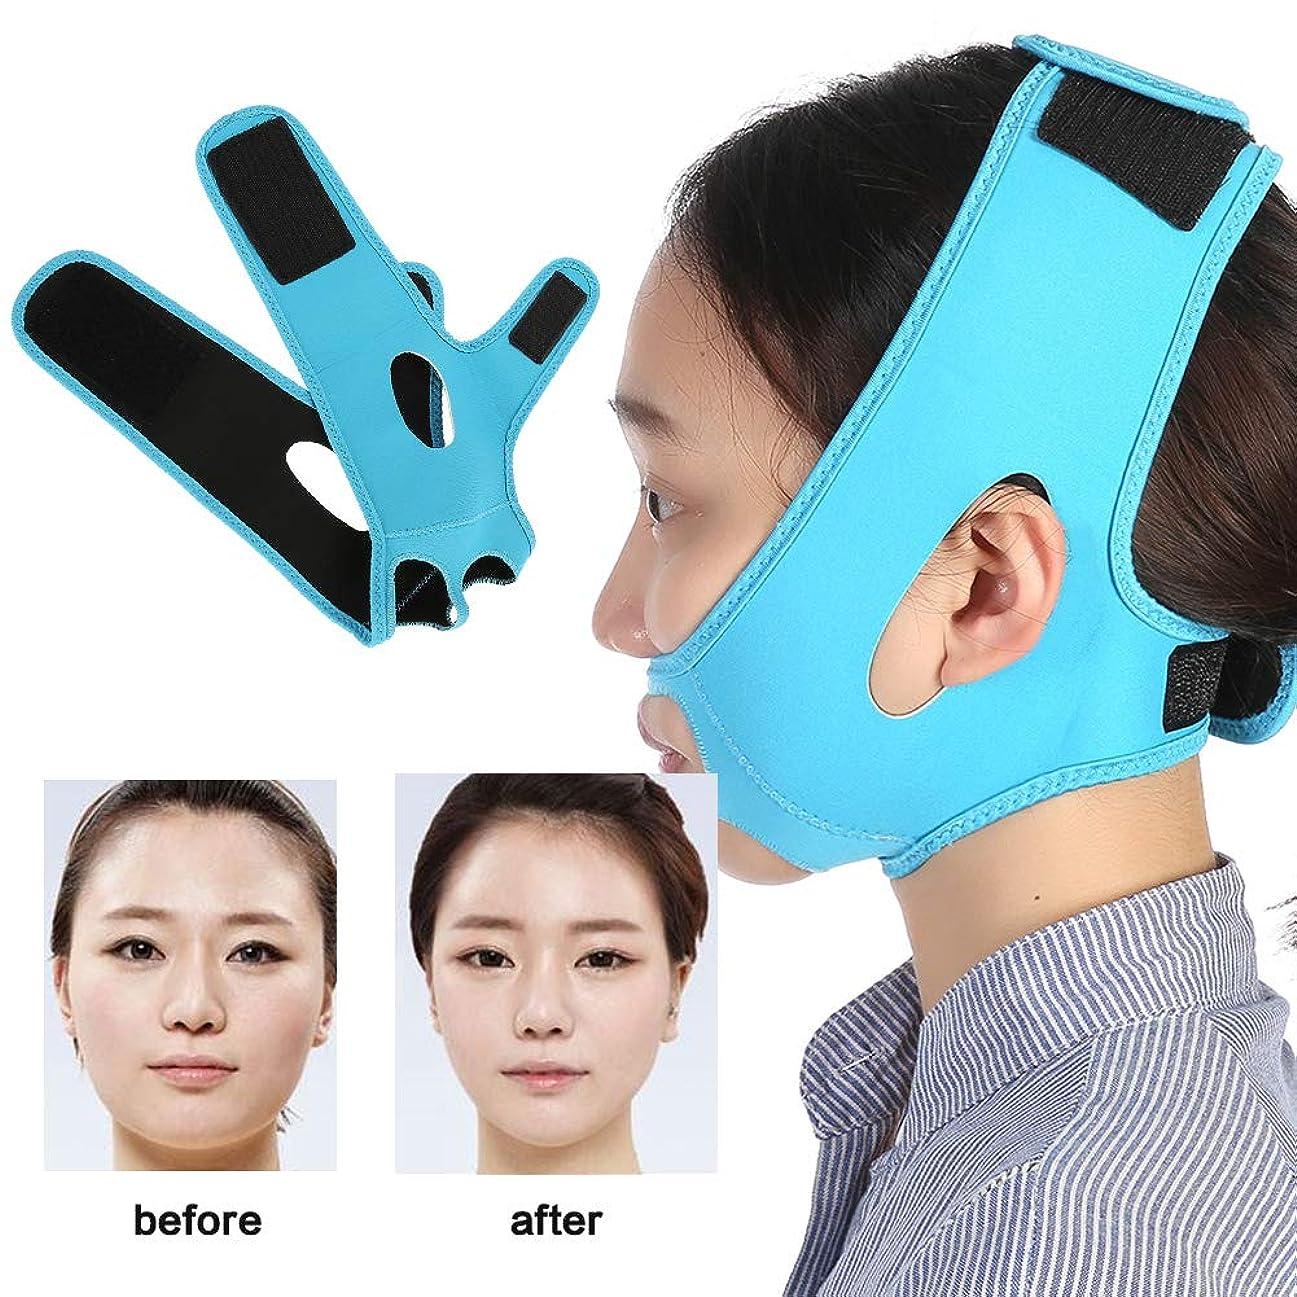 チューリップ軽減する杭顔の輪郭を改善するためのフェイスマスクのスリム化 Vフェイス美容包帯 通気性/伸縮性/非変形性